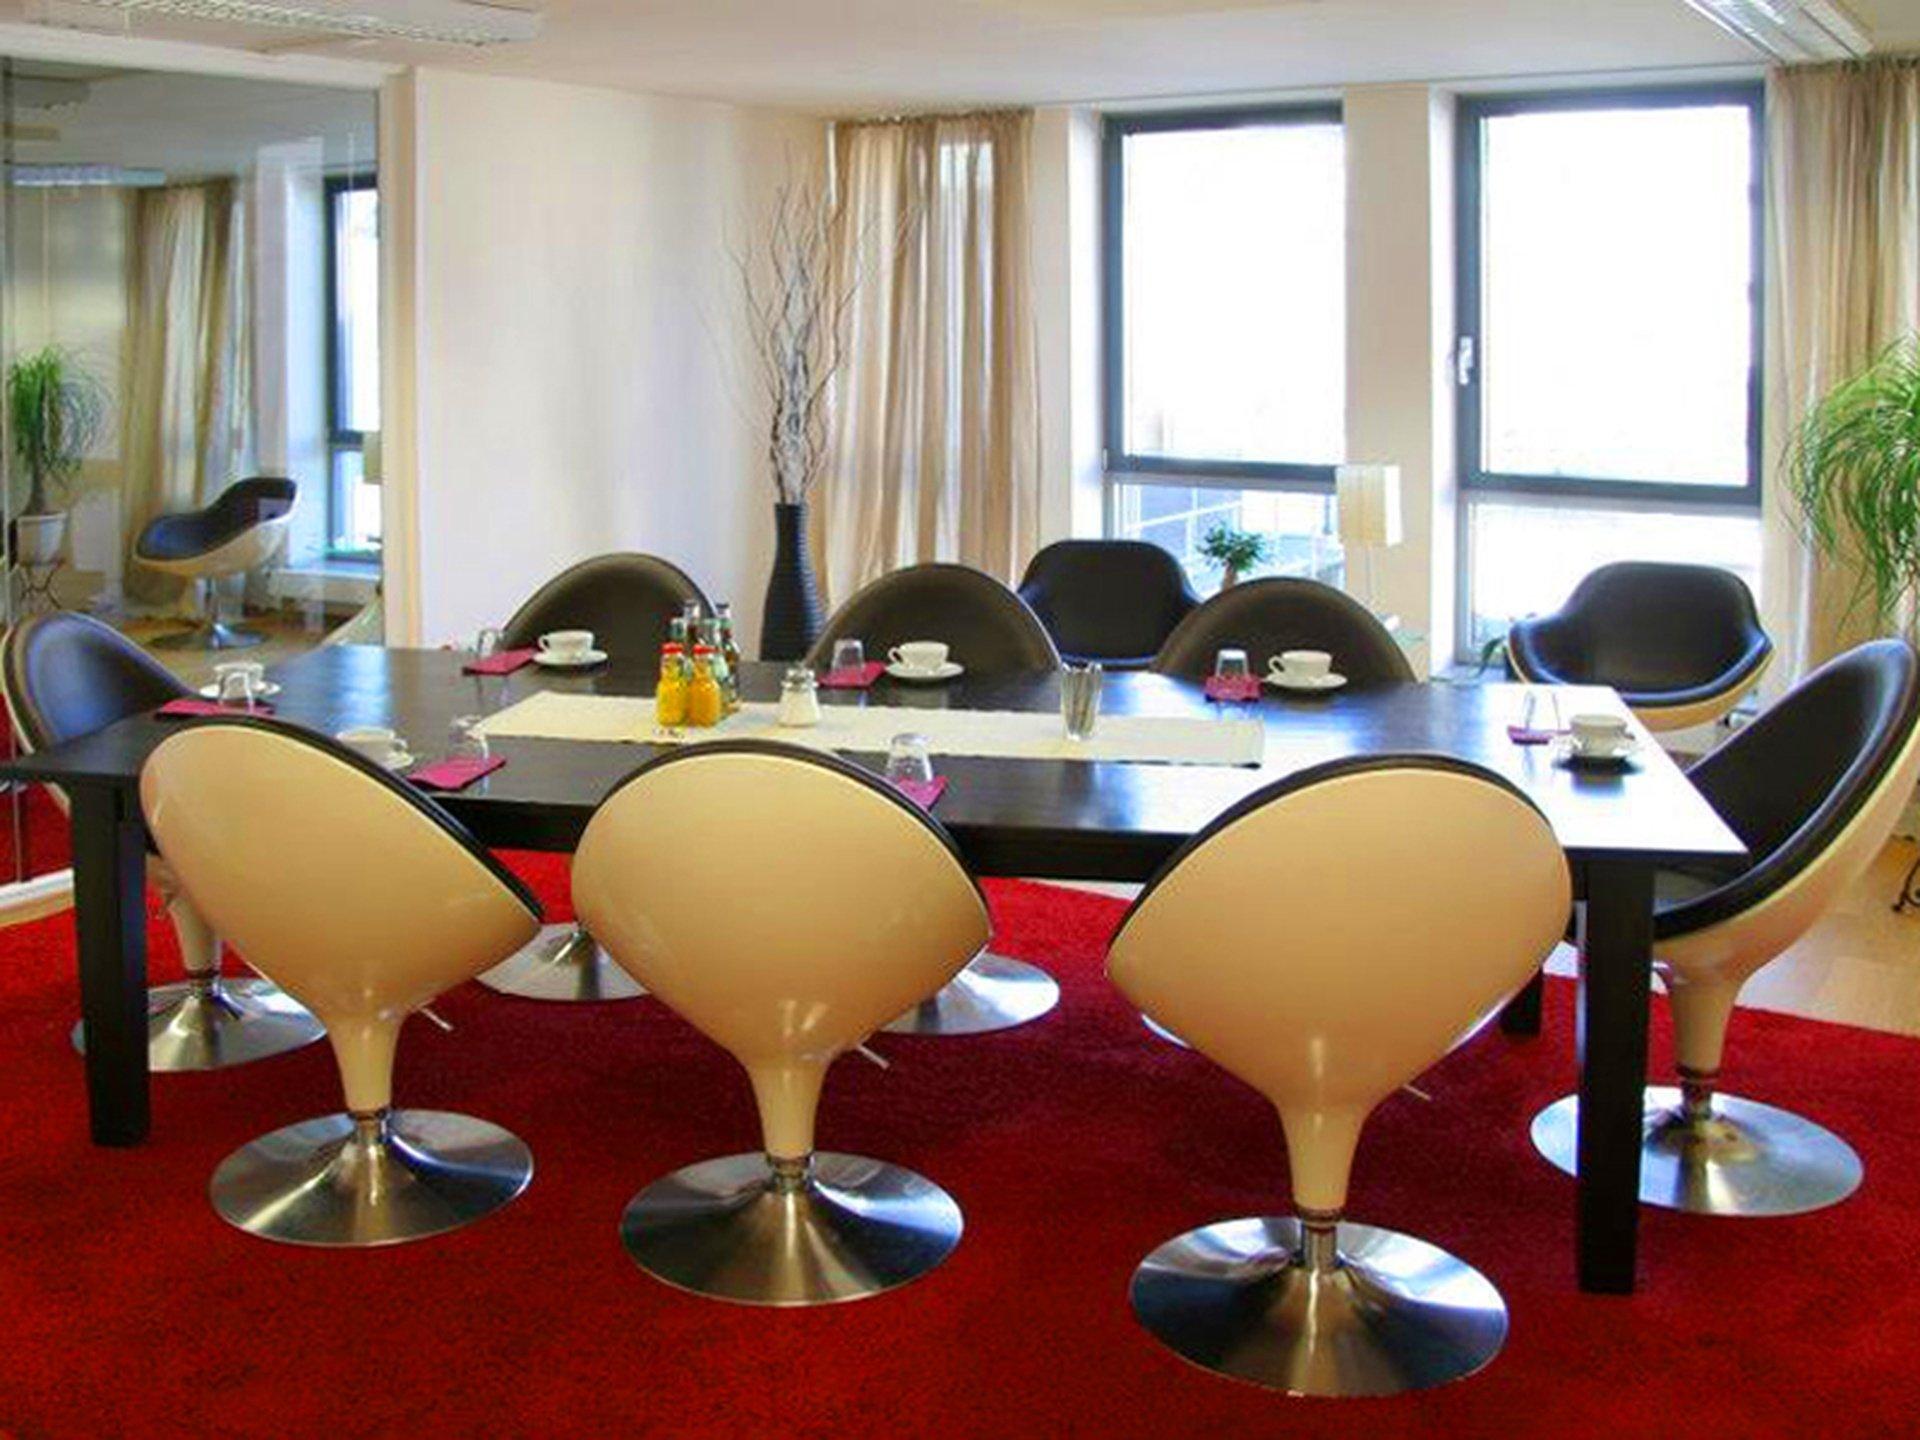 Cologne conference rooms Salle de réunion ACE International - GD 34 image 0